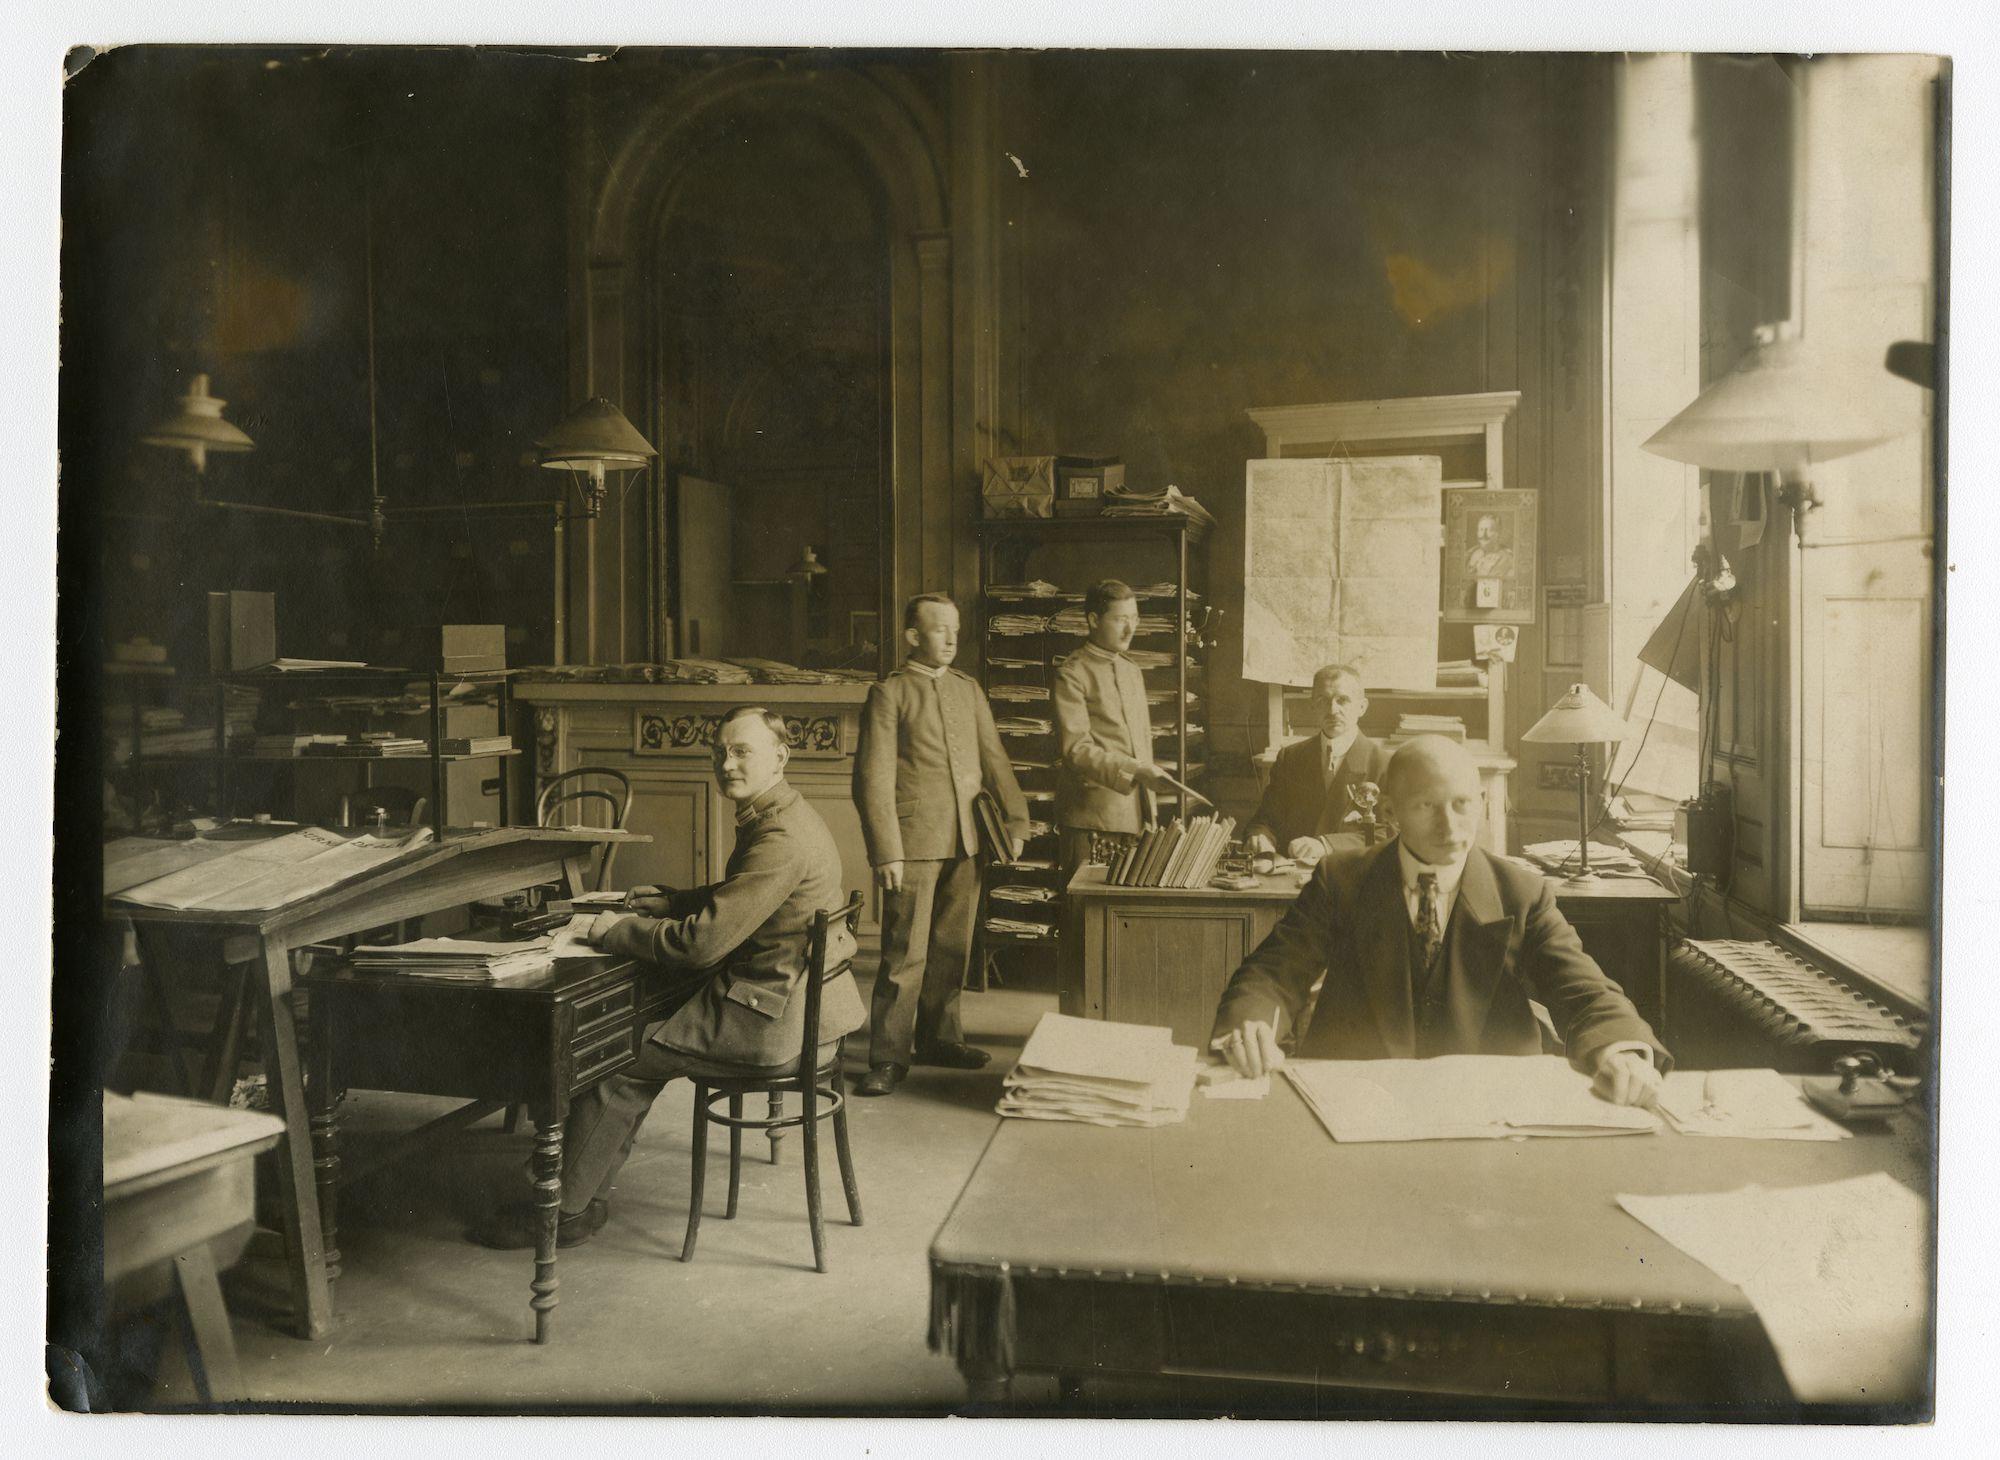 Gent: Koophandelsplein: Justitiepaleis: kantoor van de Zivilverwaltung der Etappen-Inspektion (het burgerlijk bestuur van de etappe-inspectie), 1915-1916